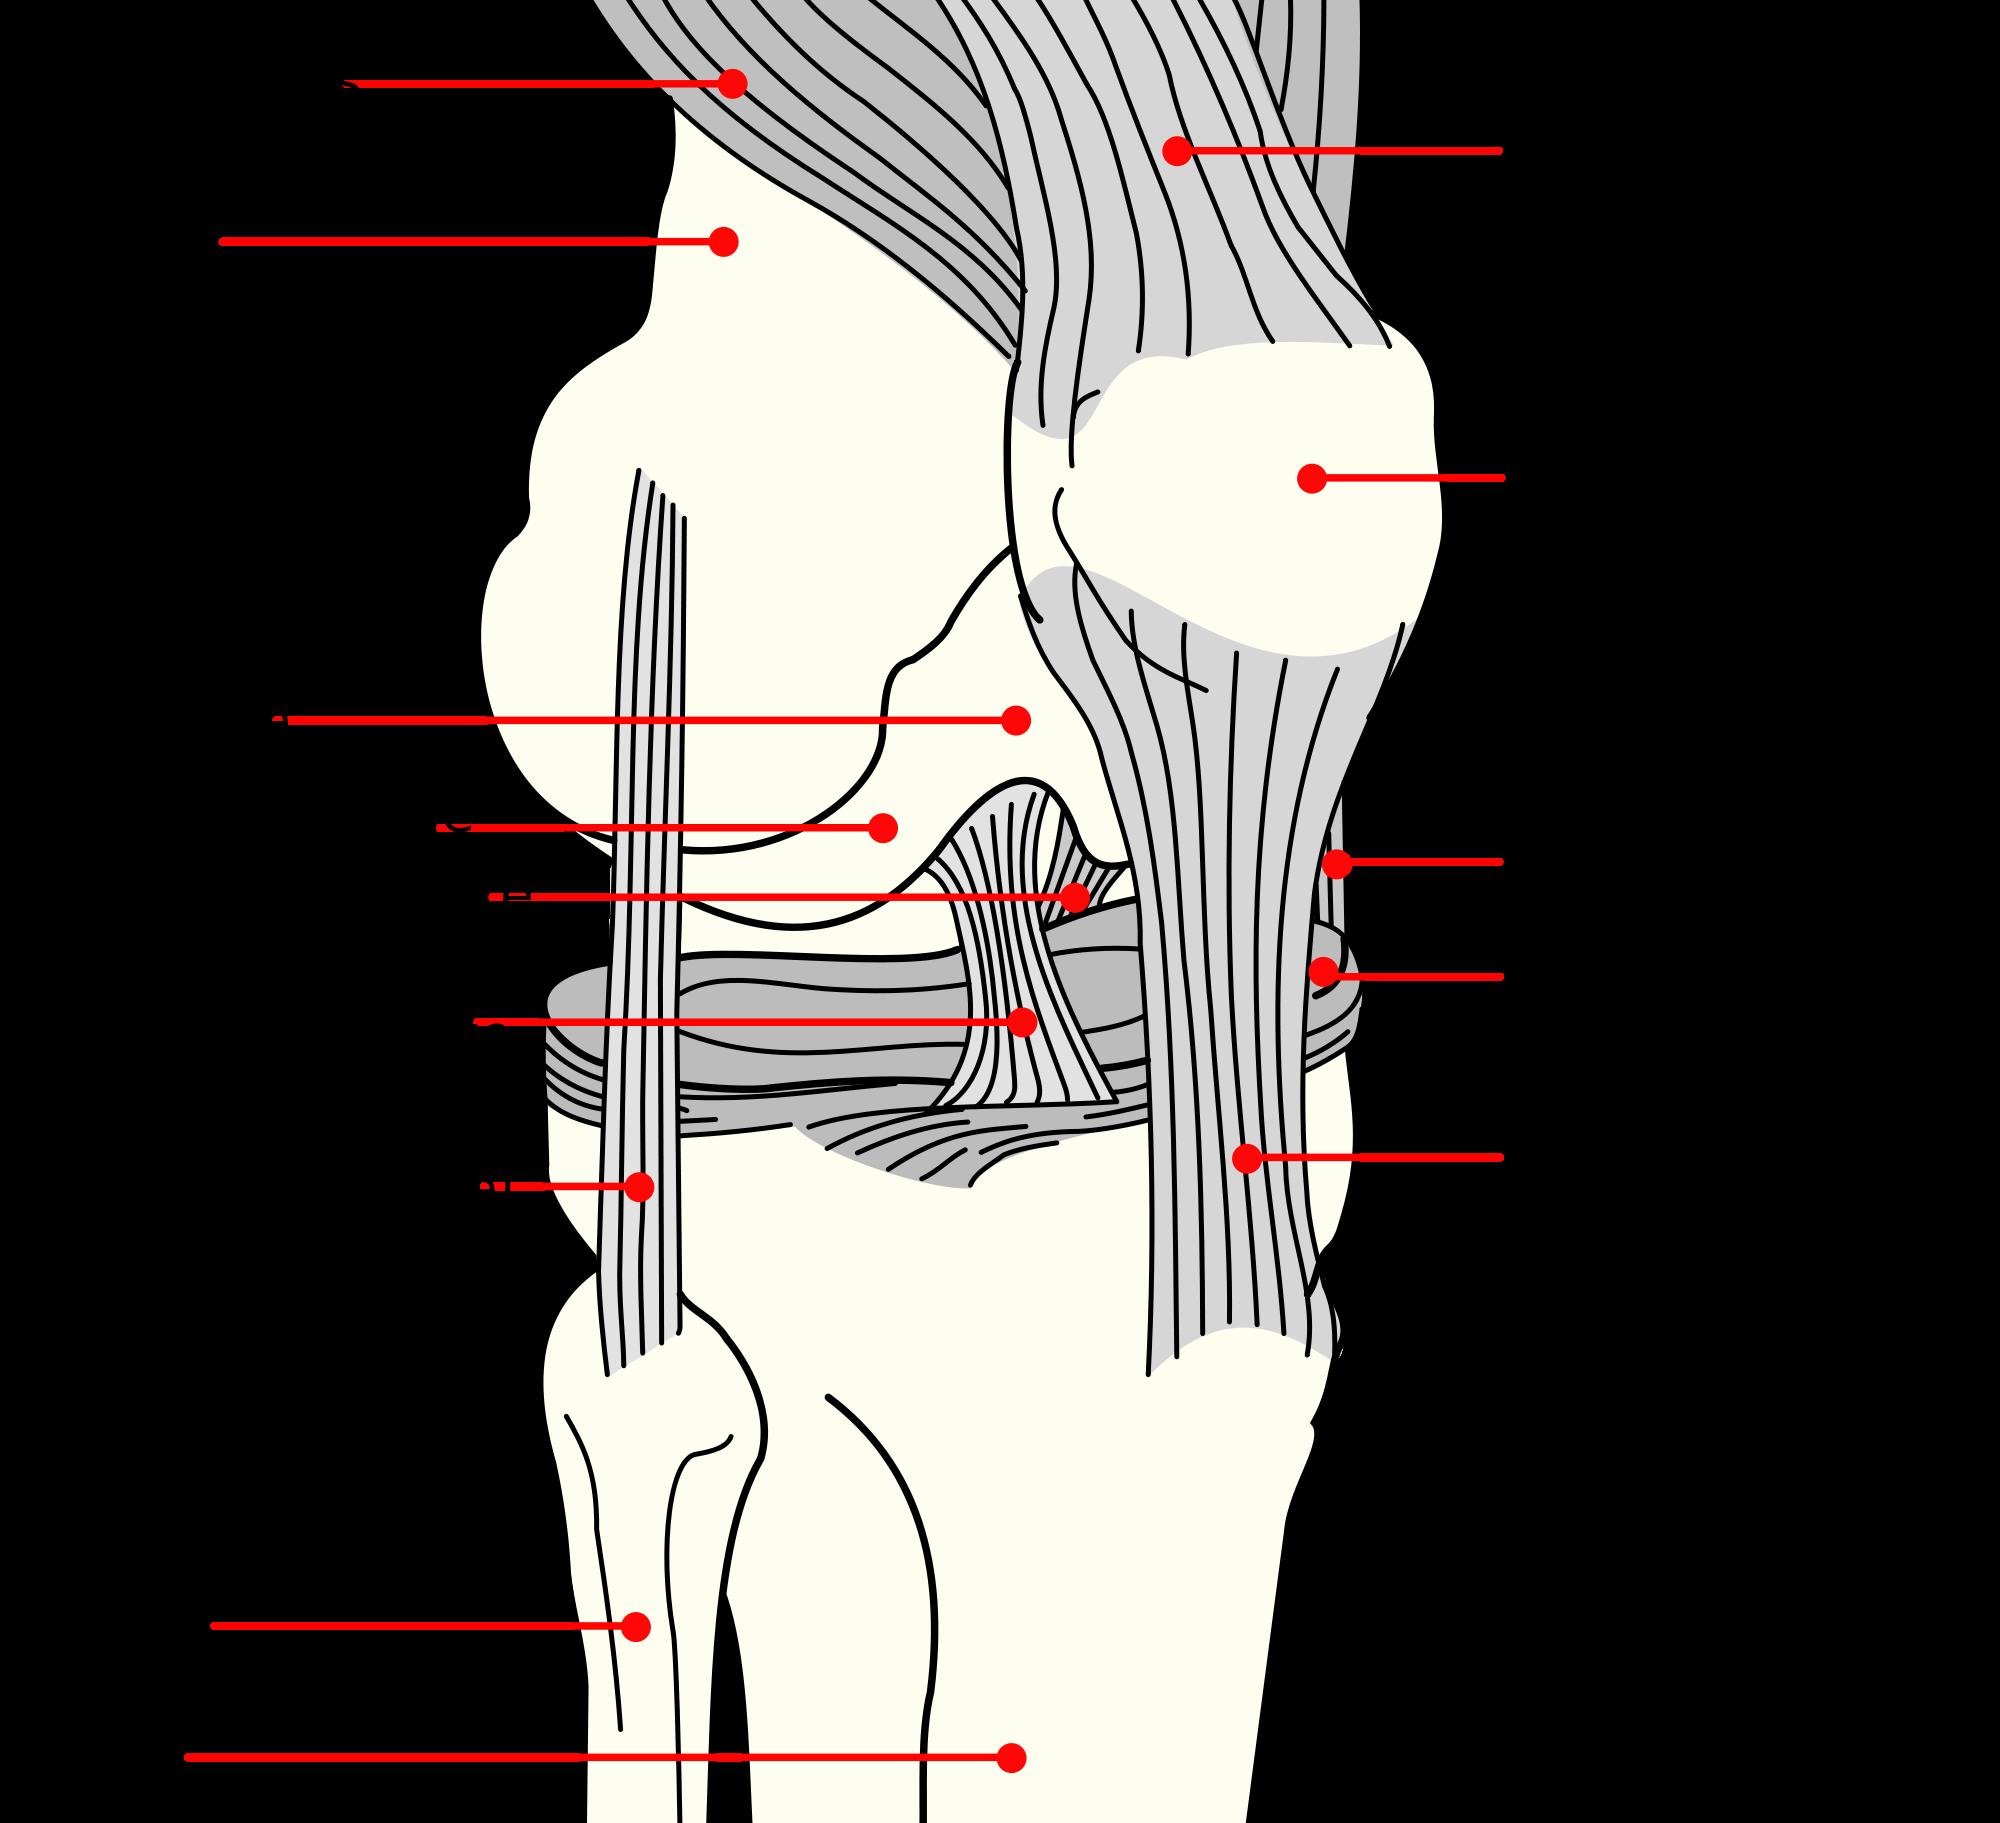 Il ginocchio come riconoscere e combattere patologie for Esterno quadricipite